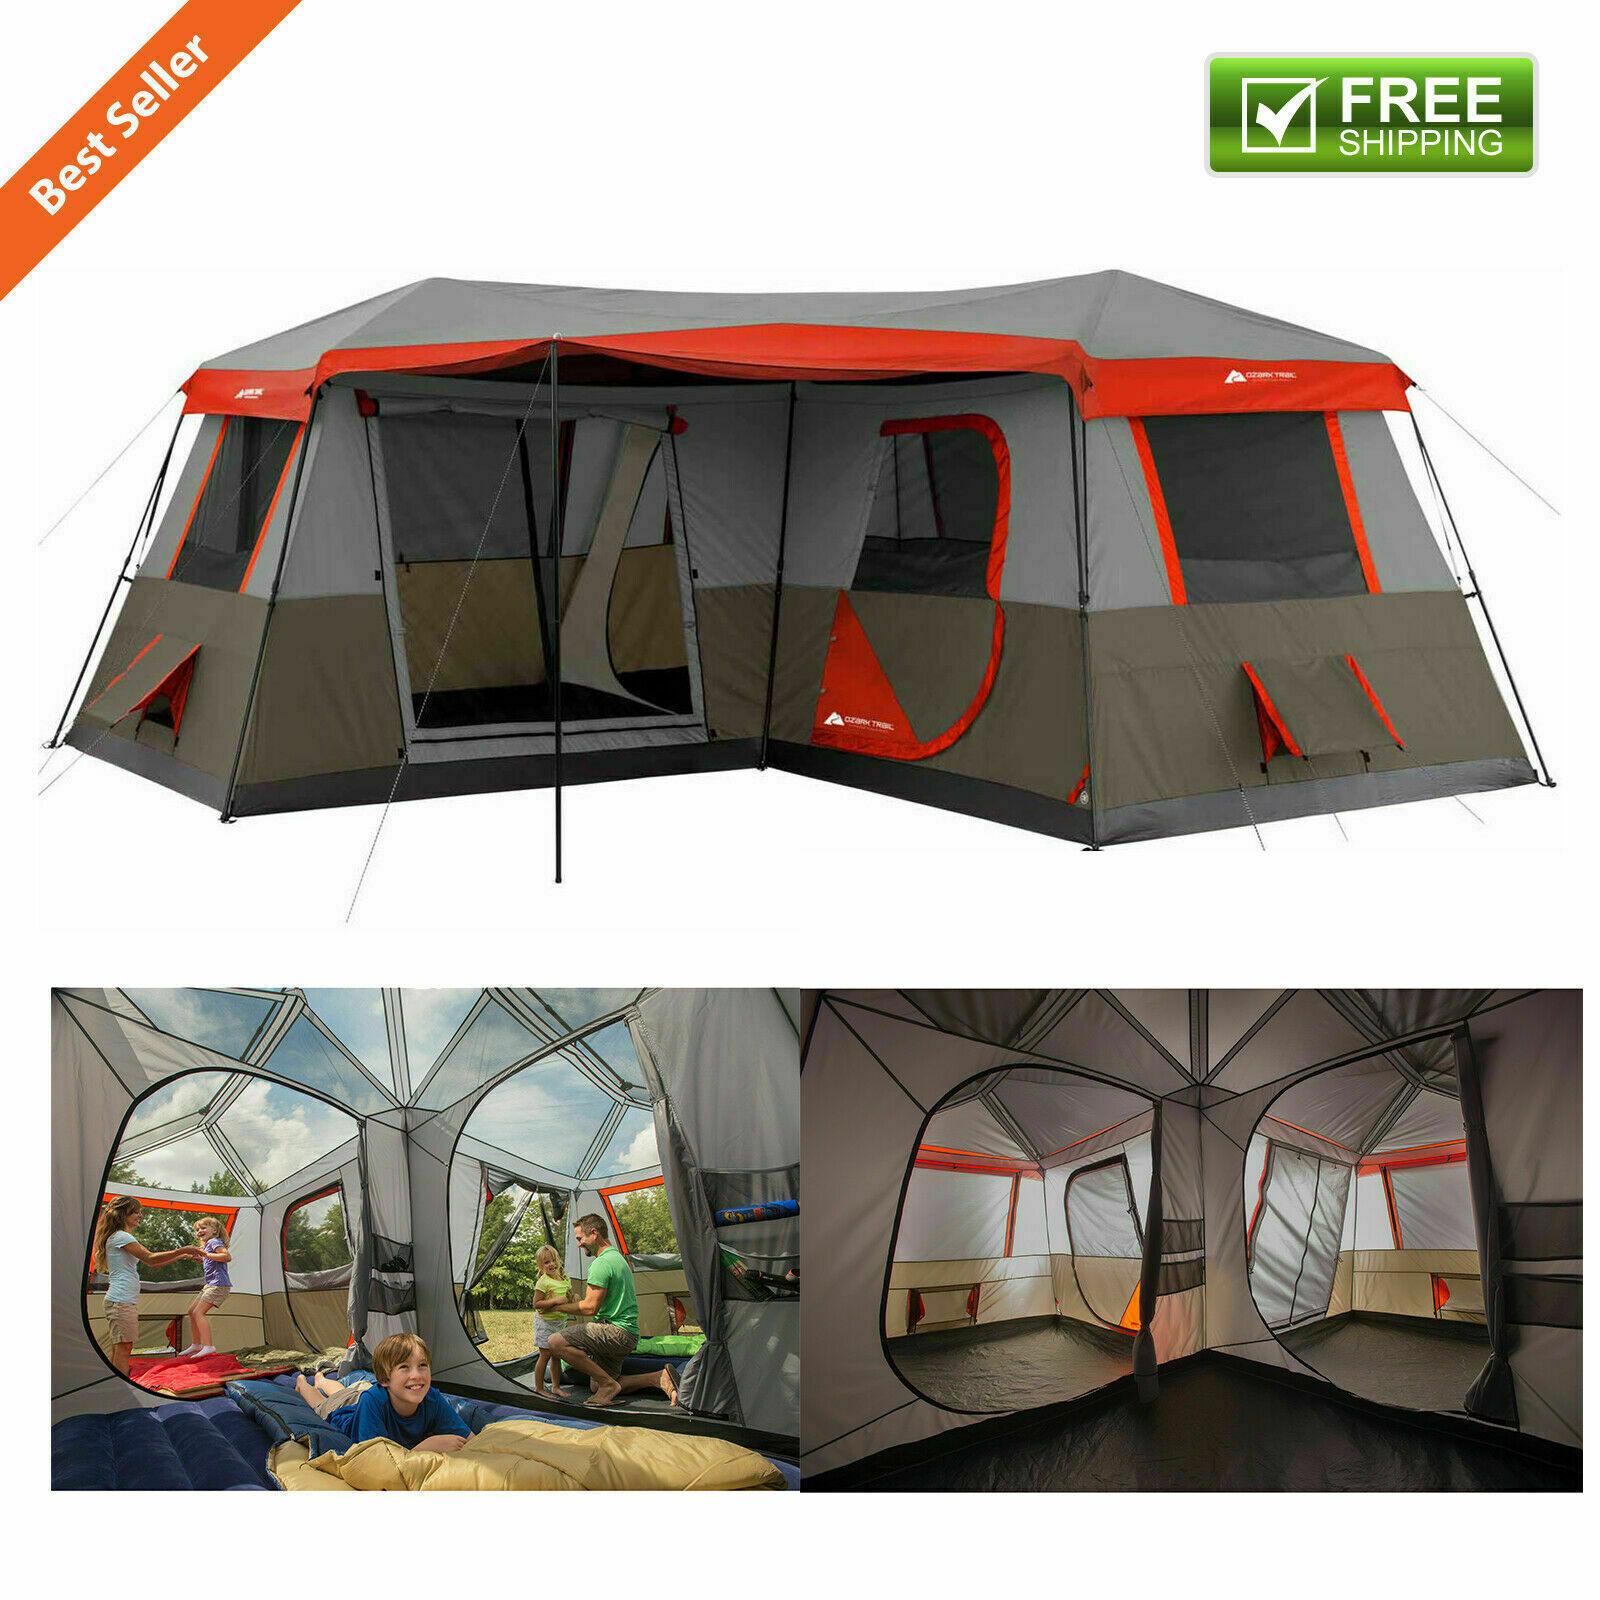 16 X 16' 3 habitación Cochepa Cabaña Pabellón Festival de  campaña para Exterior 12 personas Refugio Set  entrega rápida